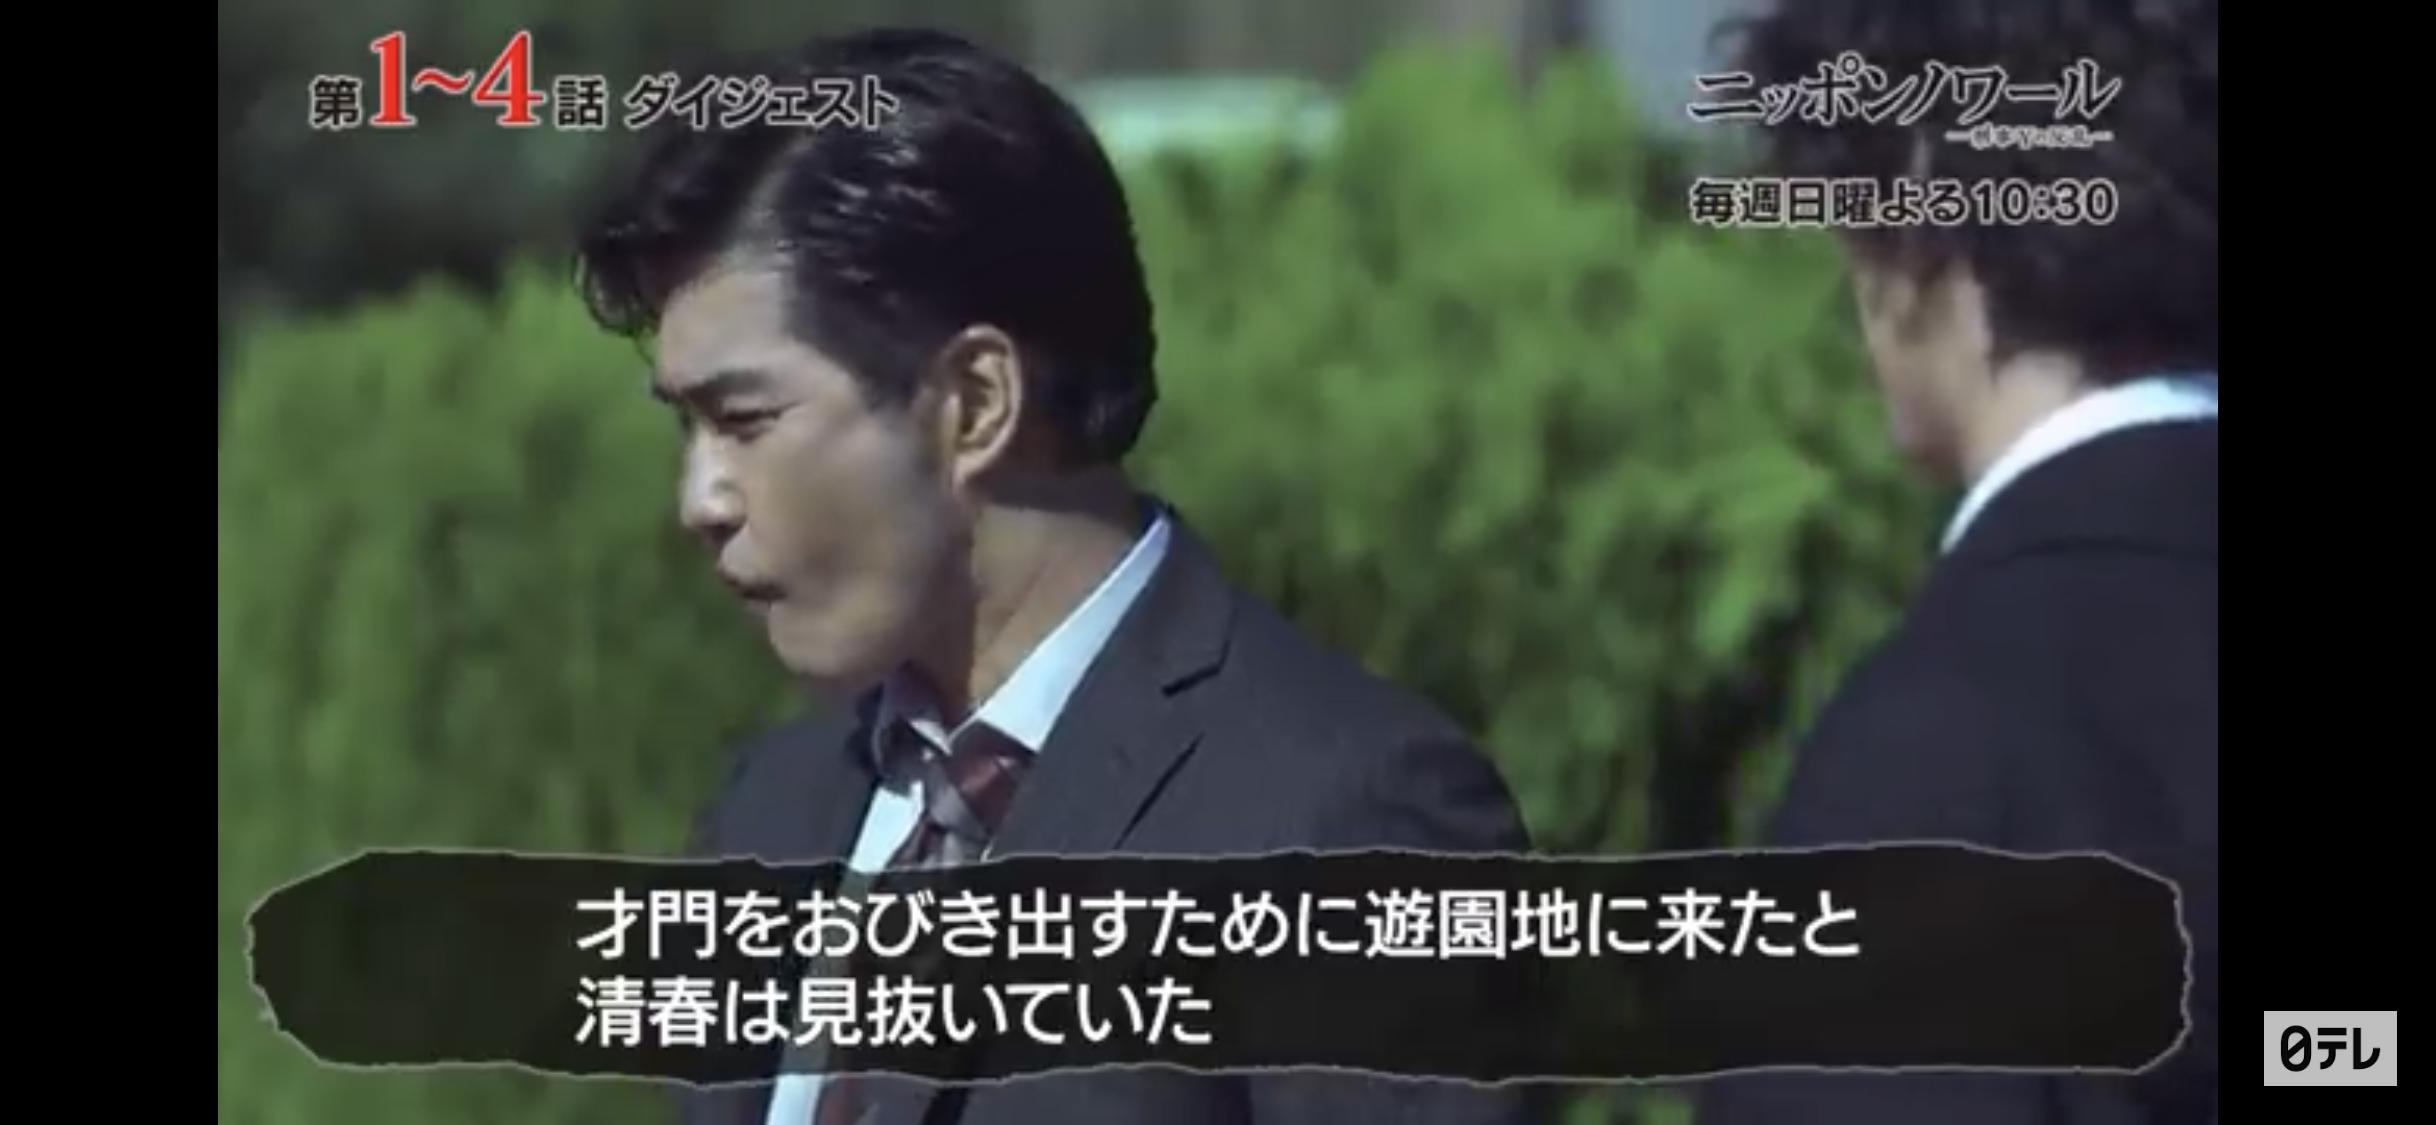 ニッポンノワール #4 捜査一課長の嘘 【ネタバレあり】